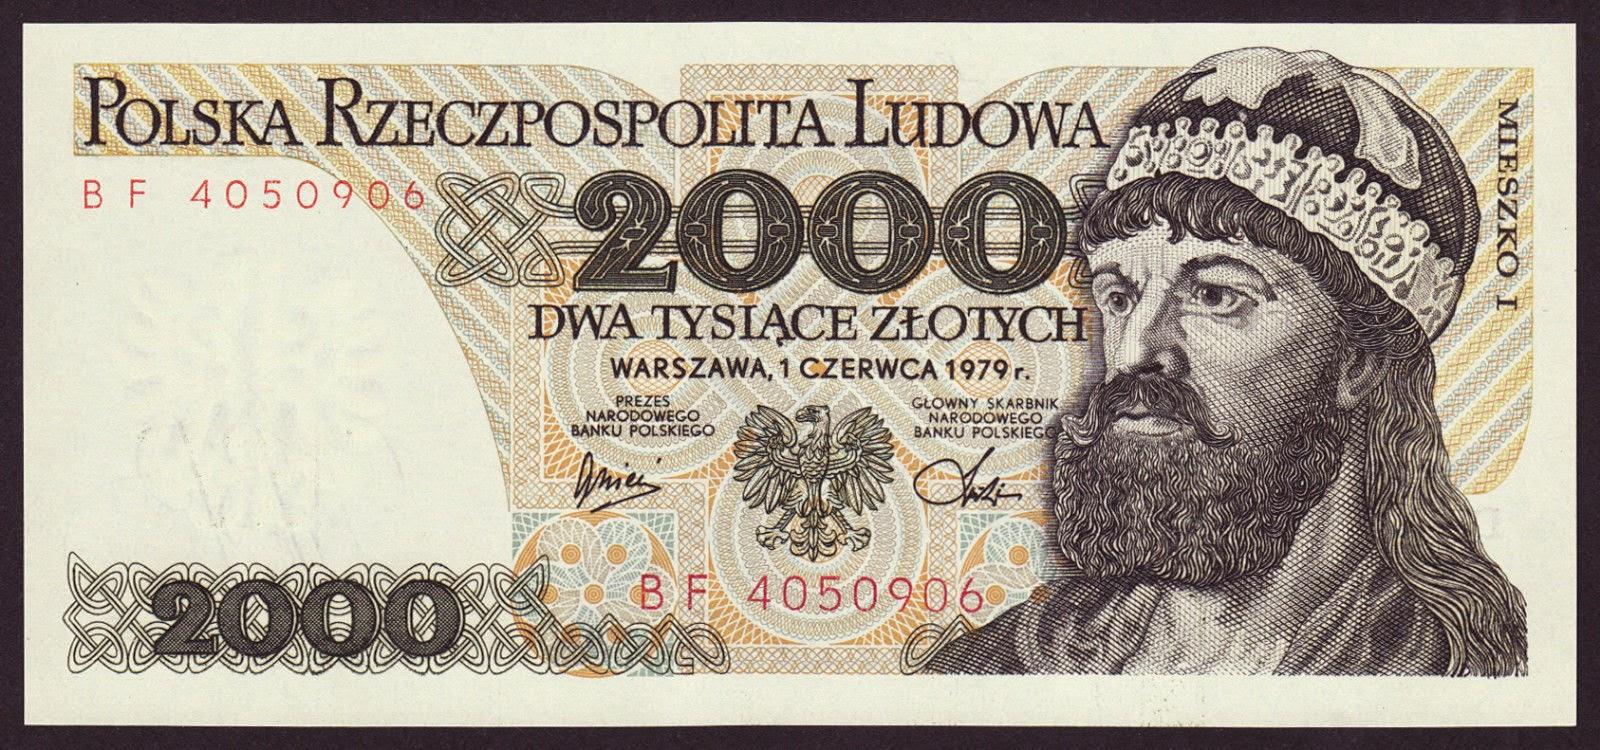 Poland Banknotes 2000 Zloty banknote 1979 Mieszko I, Duke of Poland